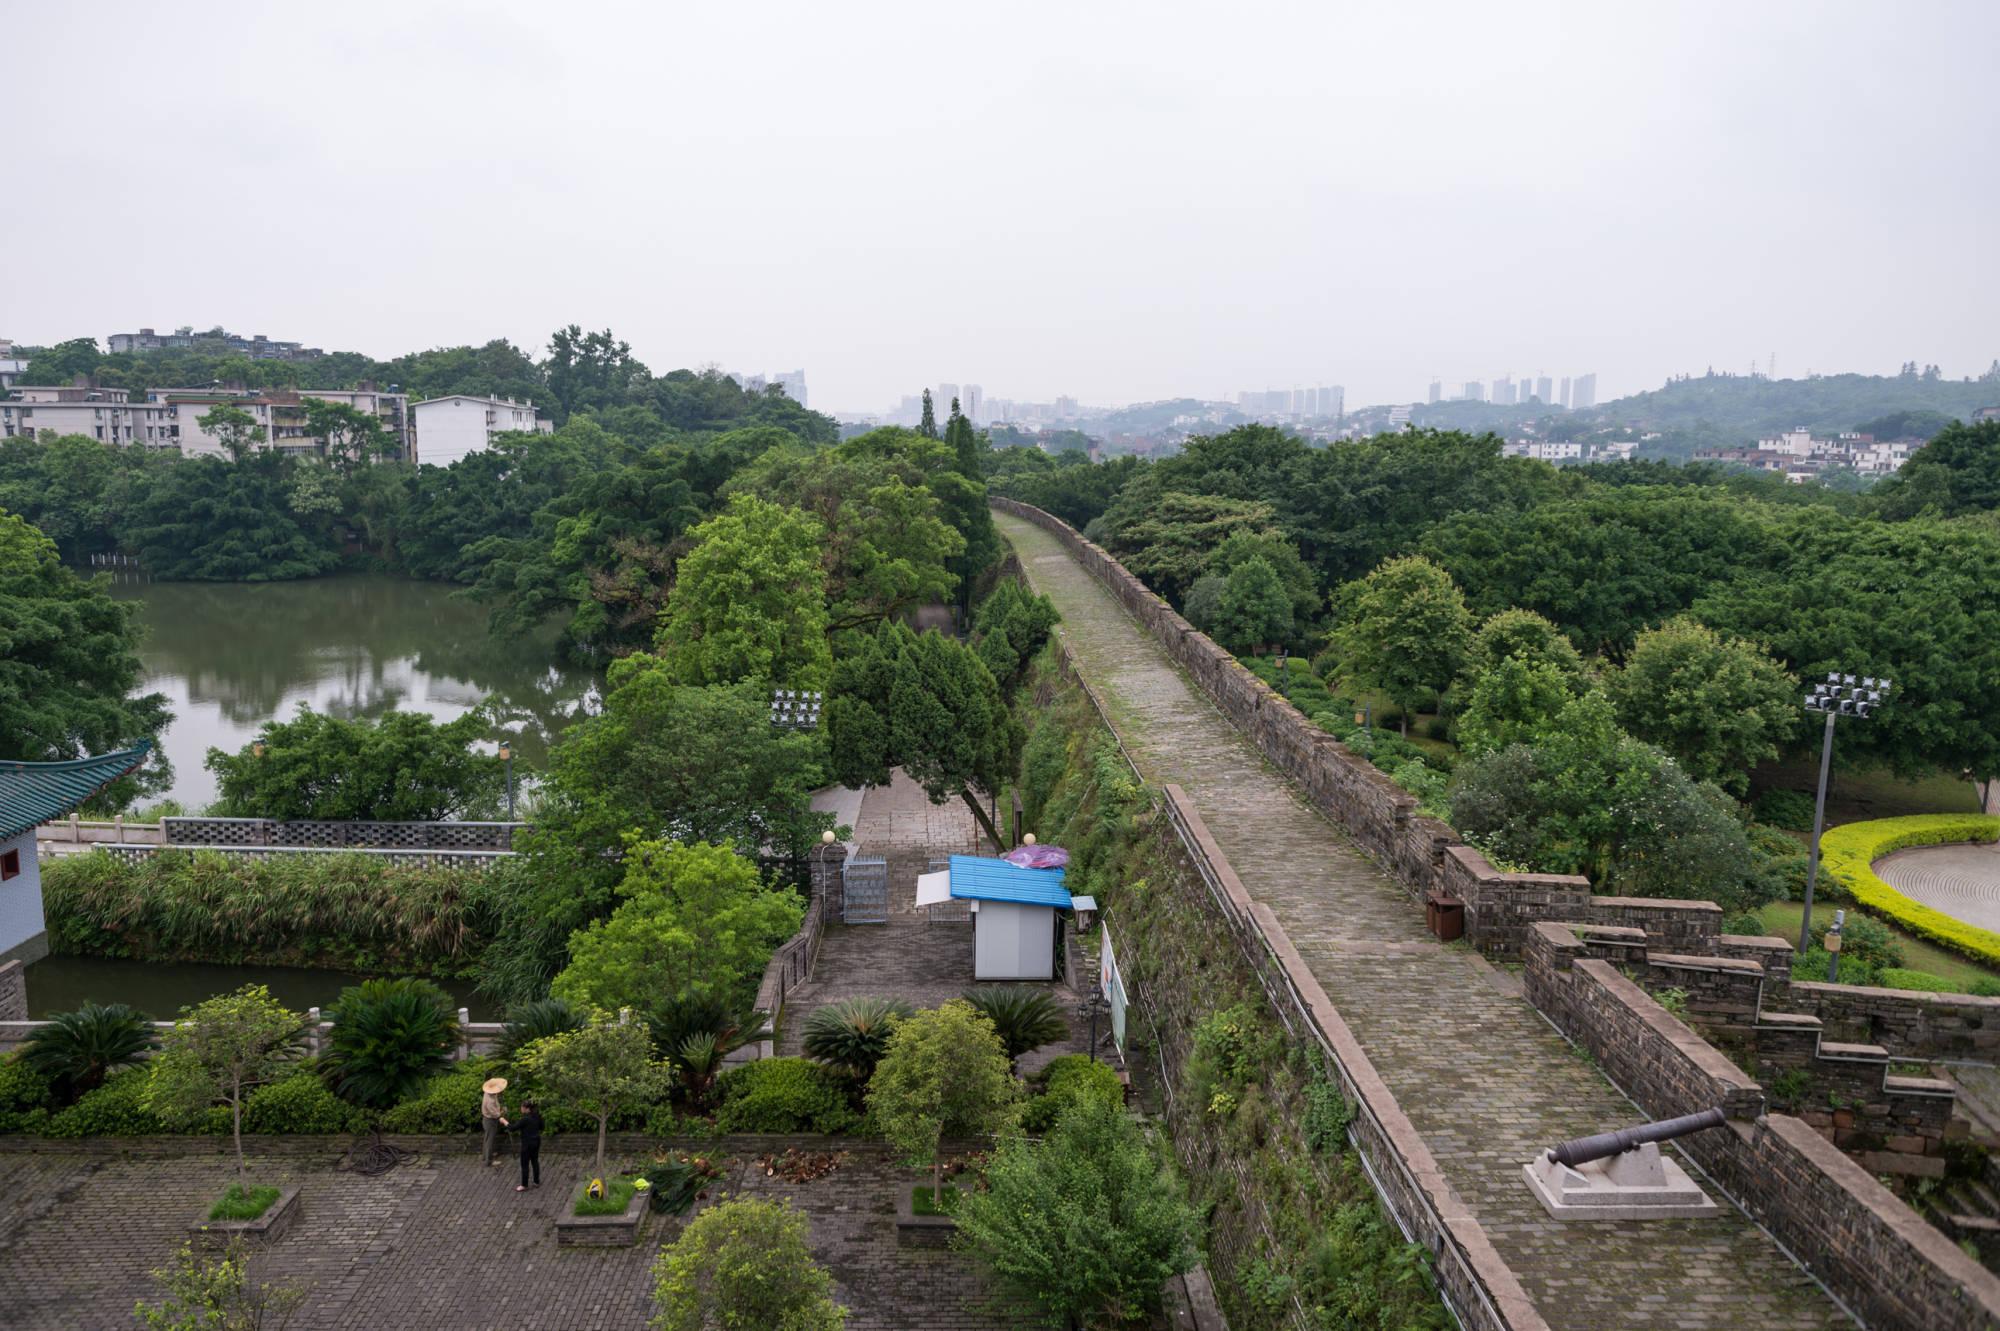 江西贛州有一大奇觀,大橋漂浮在江面上,至今已有800多年歷史